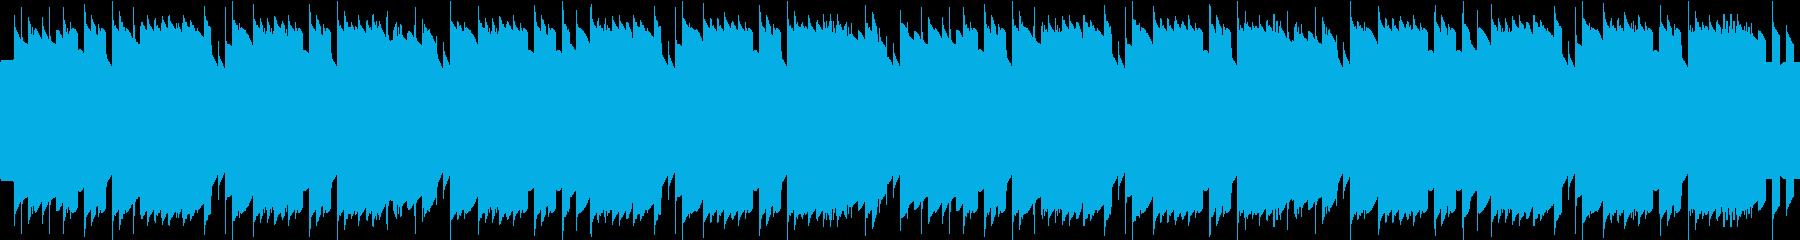 蛍の光レトロゲーム風 ループ仕様の再生済みの波形